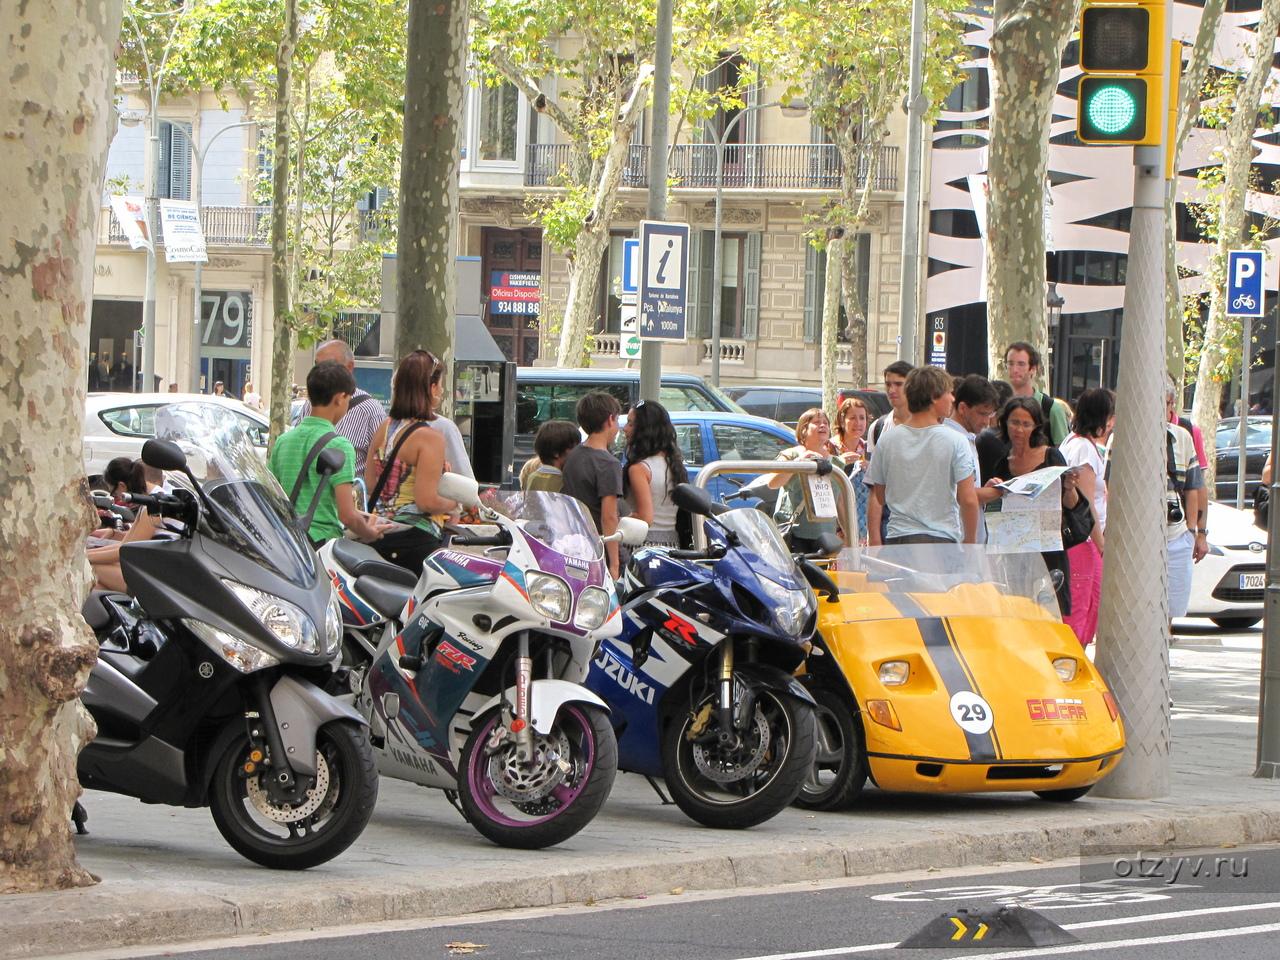 Парковка в Испании: инструкция по применению